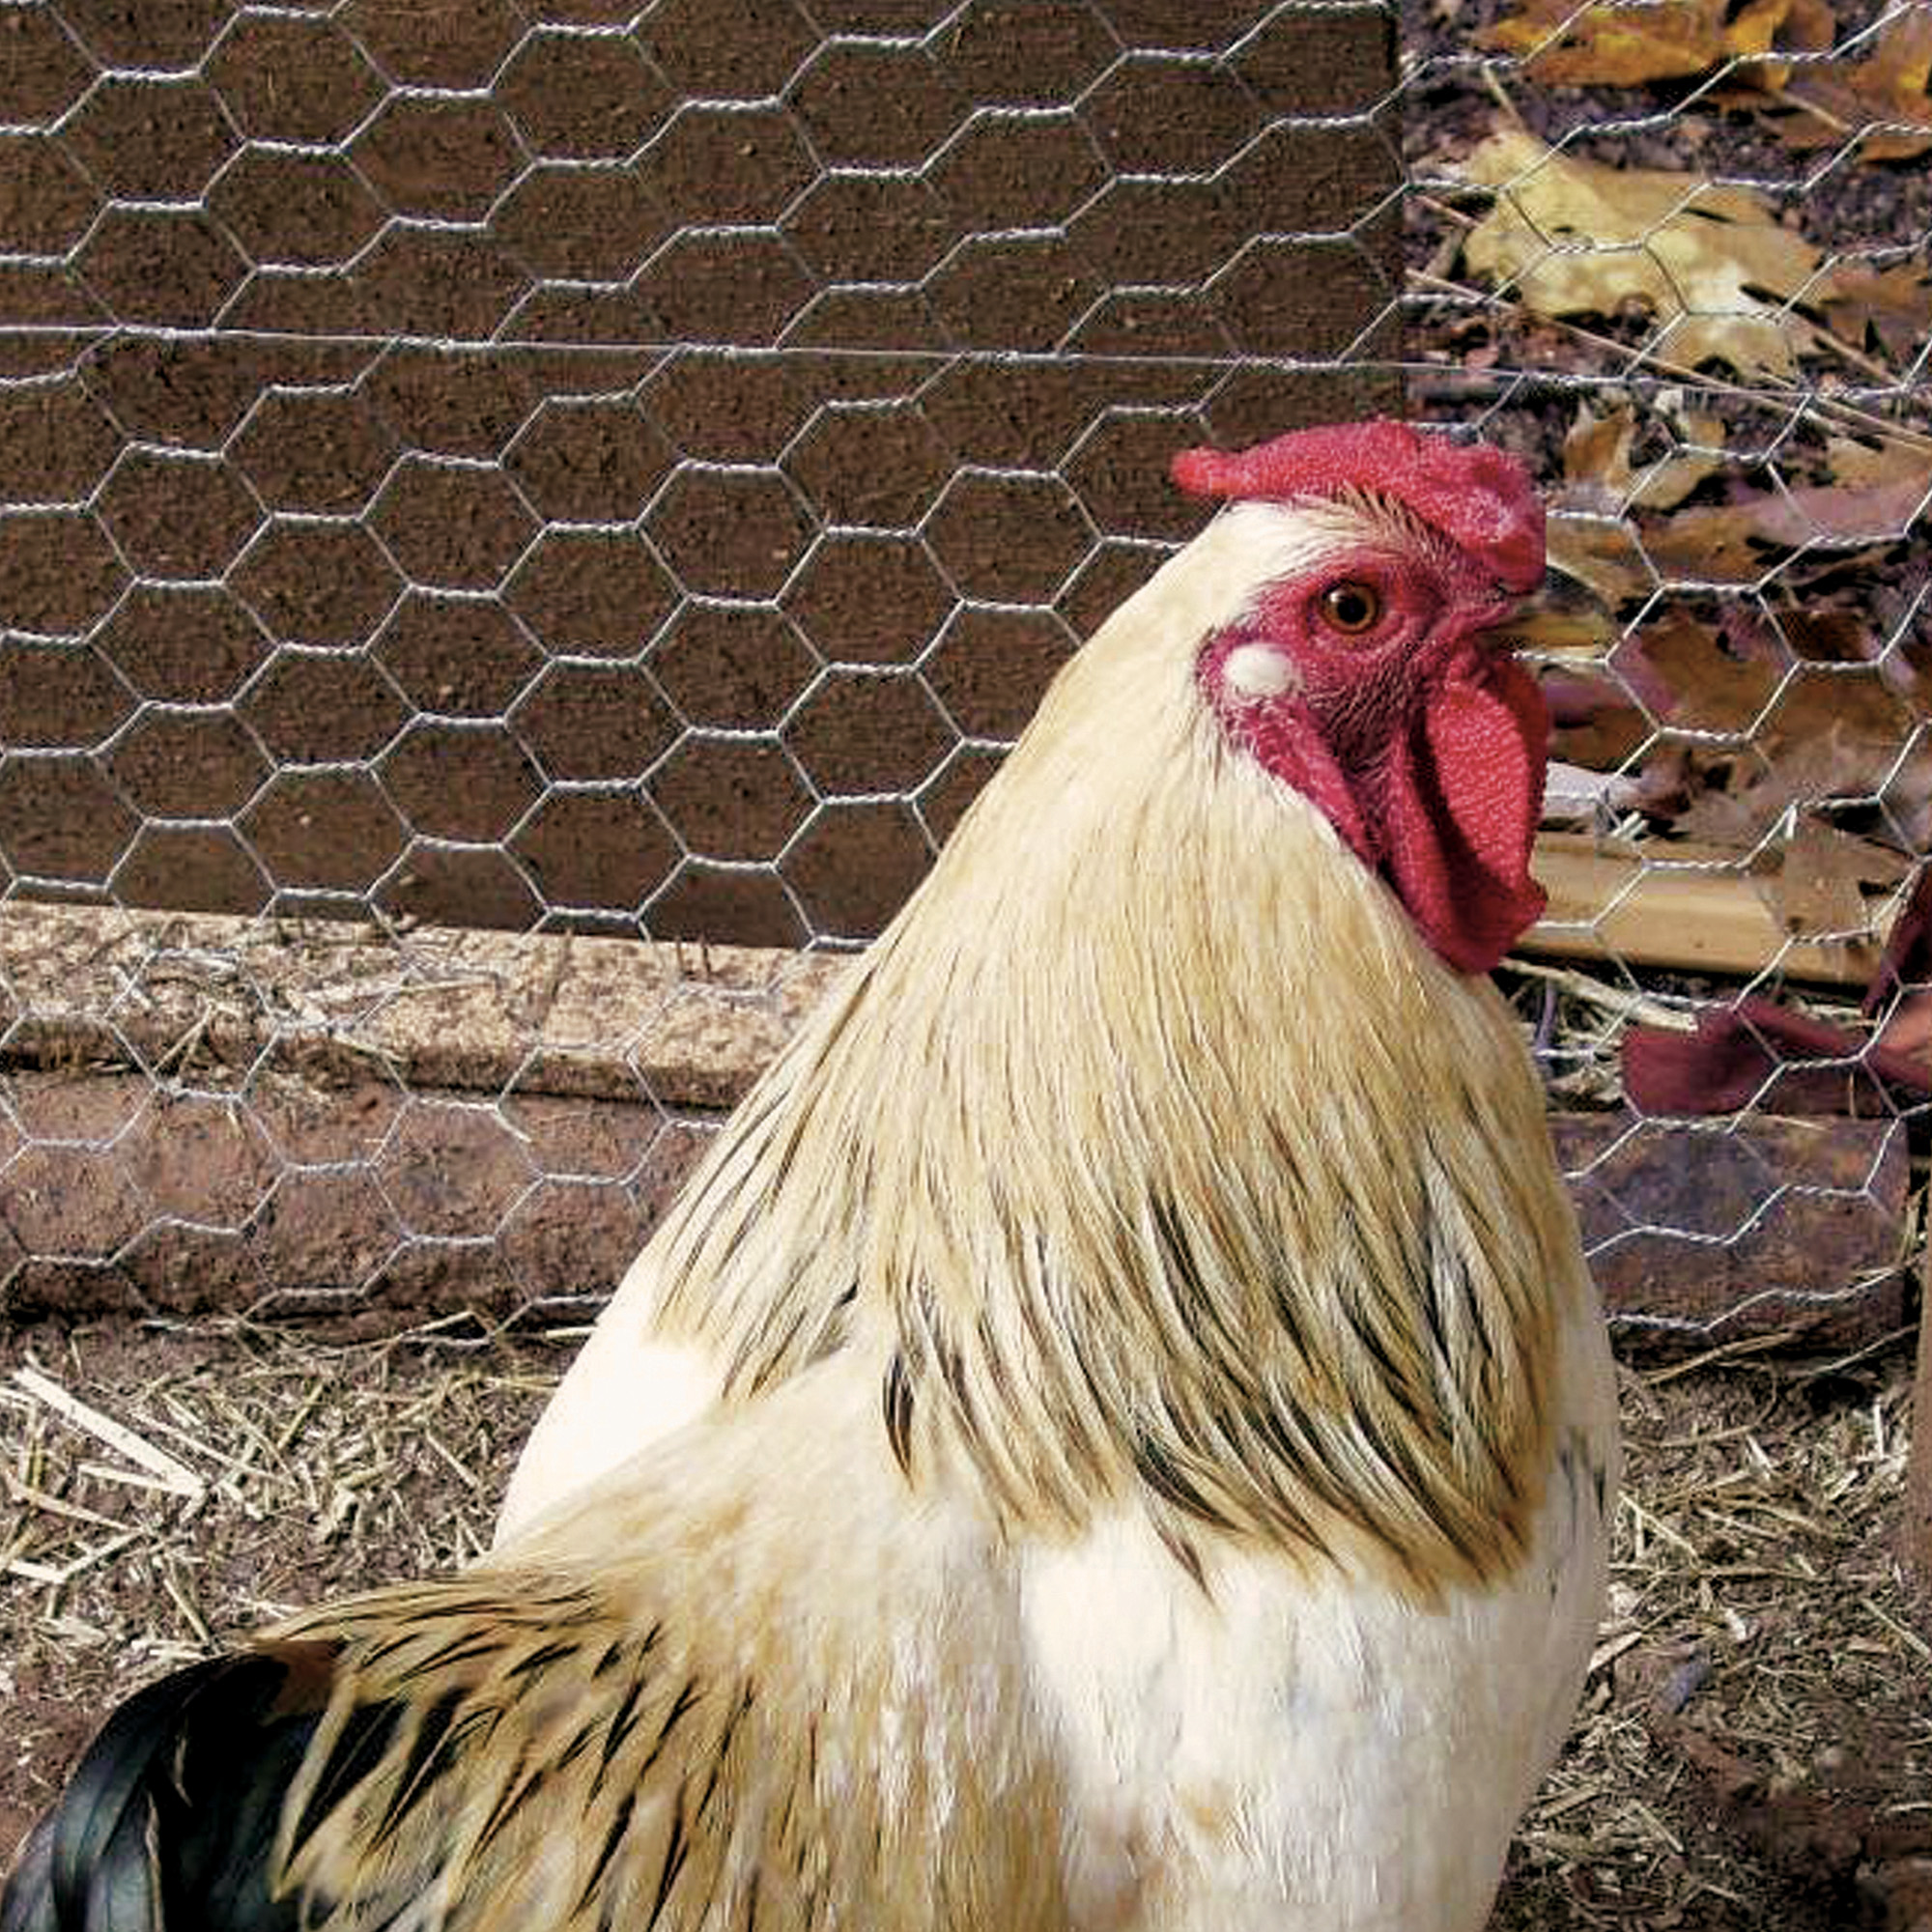 Hexagonal Poultry Netting